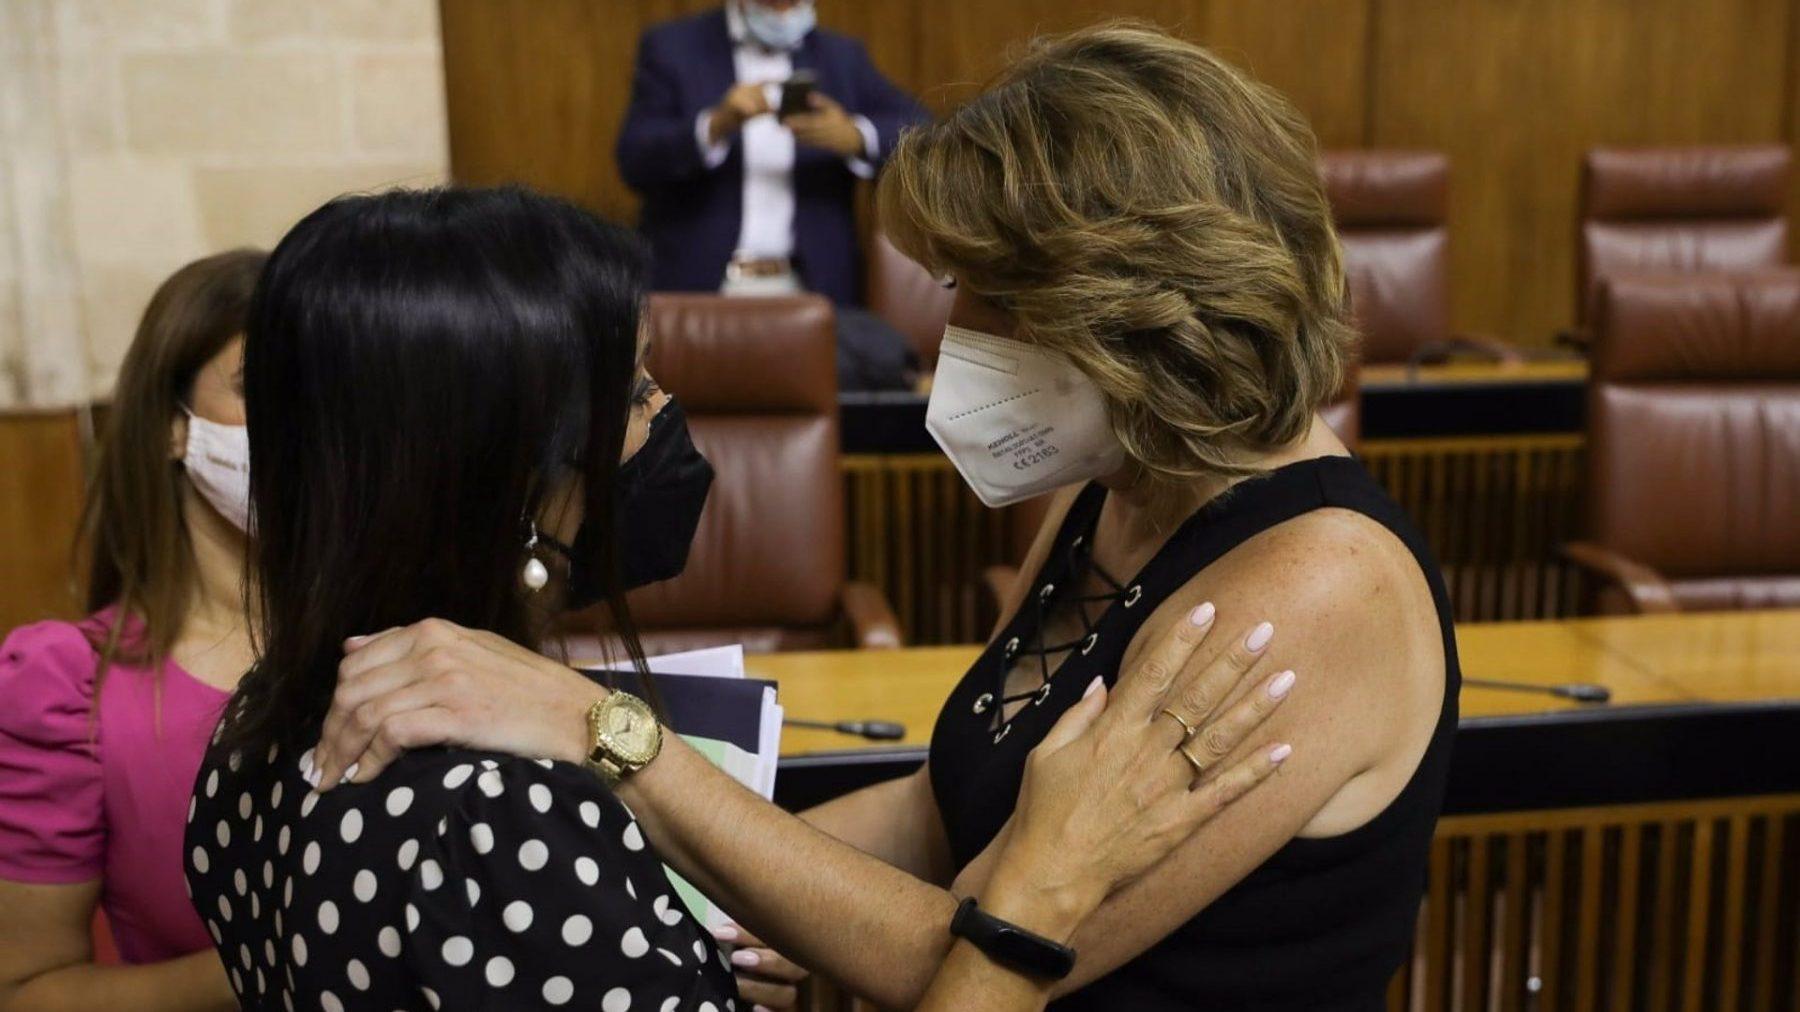 La presidenta del Parlamento de Andalucía, Marta Bosquet, felicita a Susana Díaz tras su elección como senadora (EUROPA PRESS).